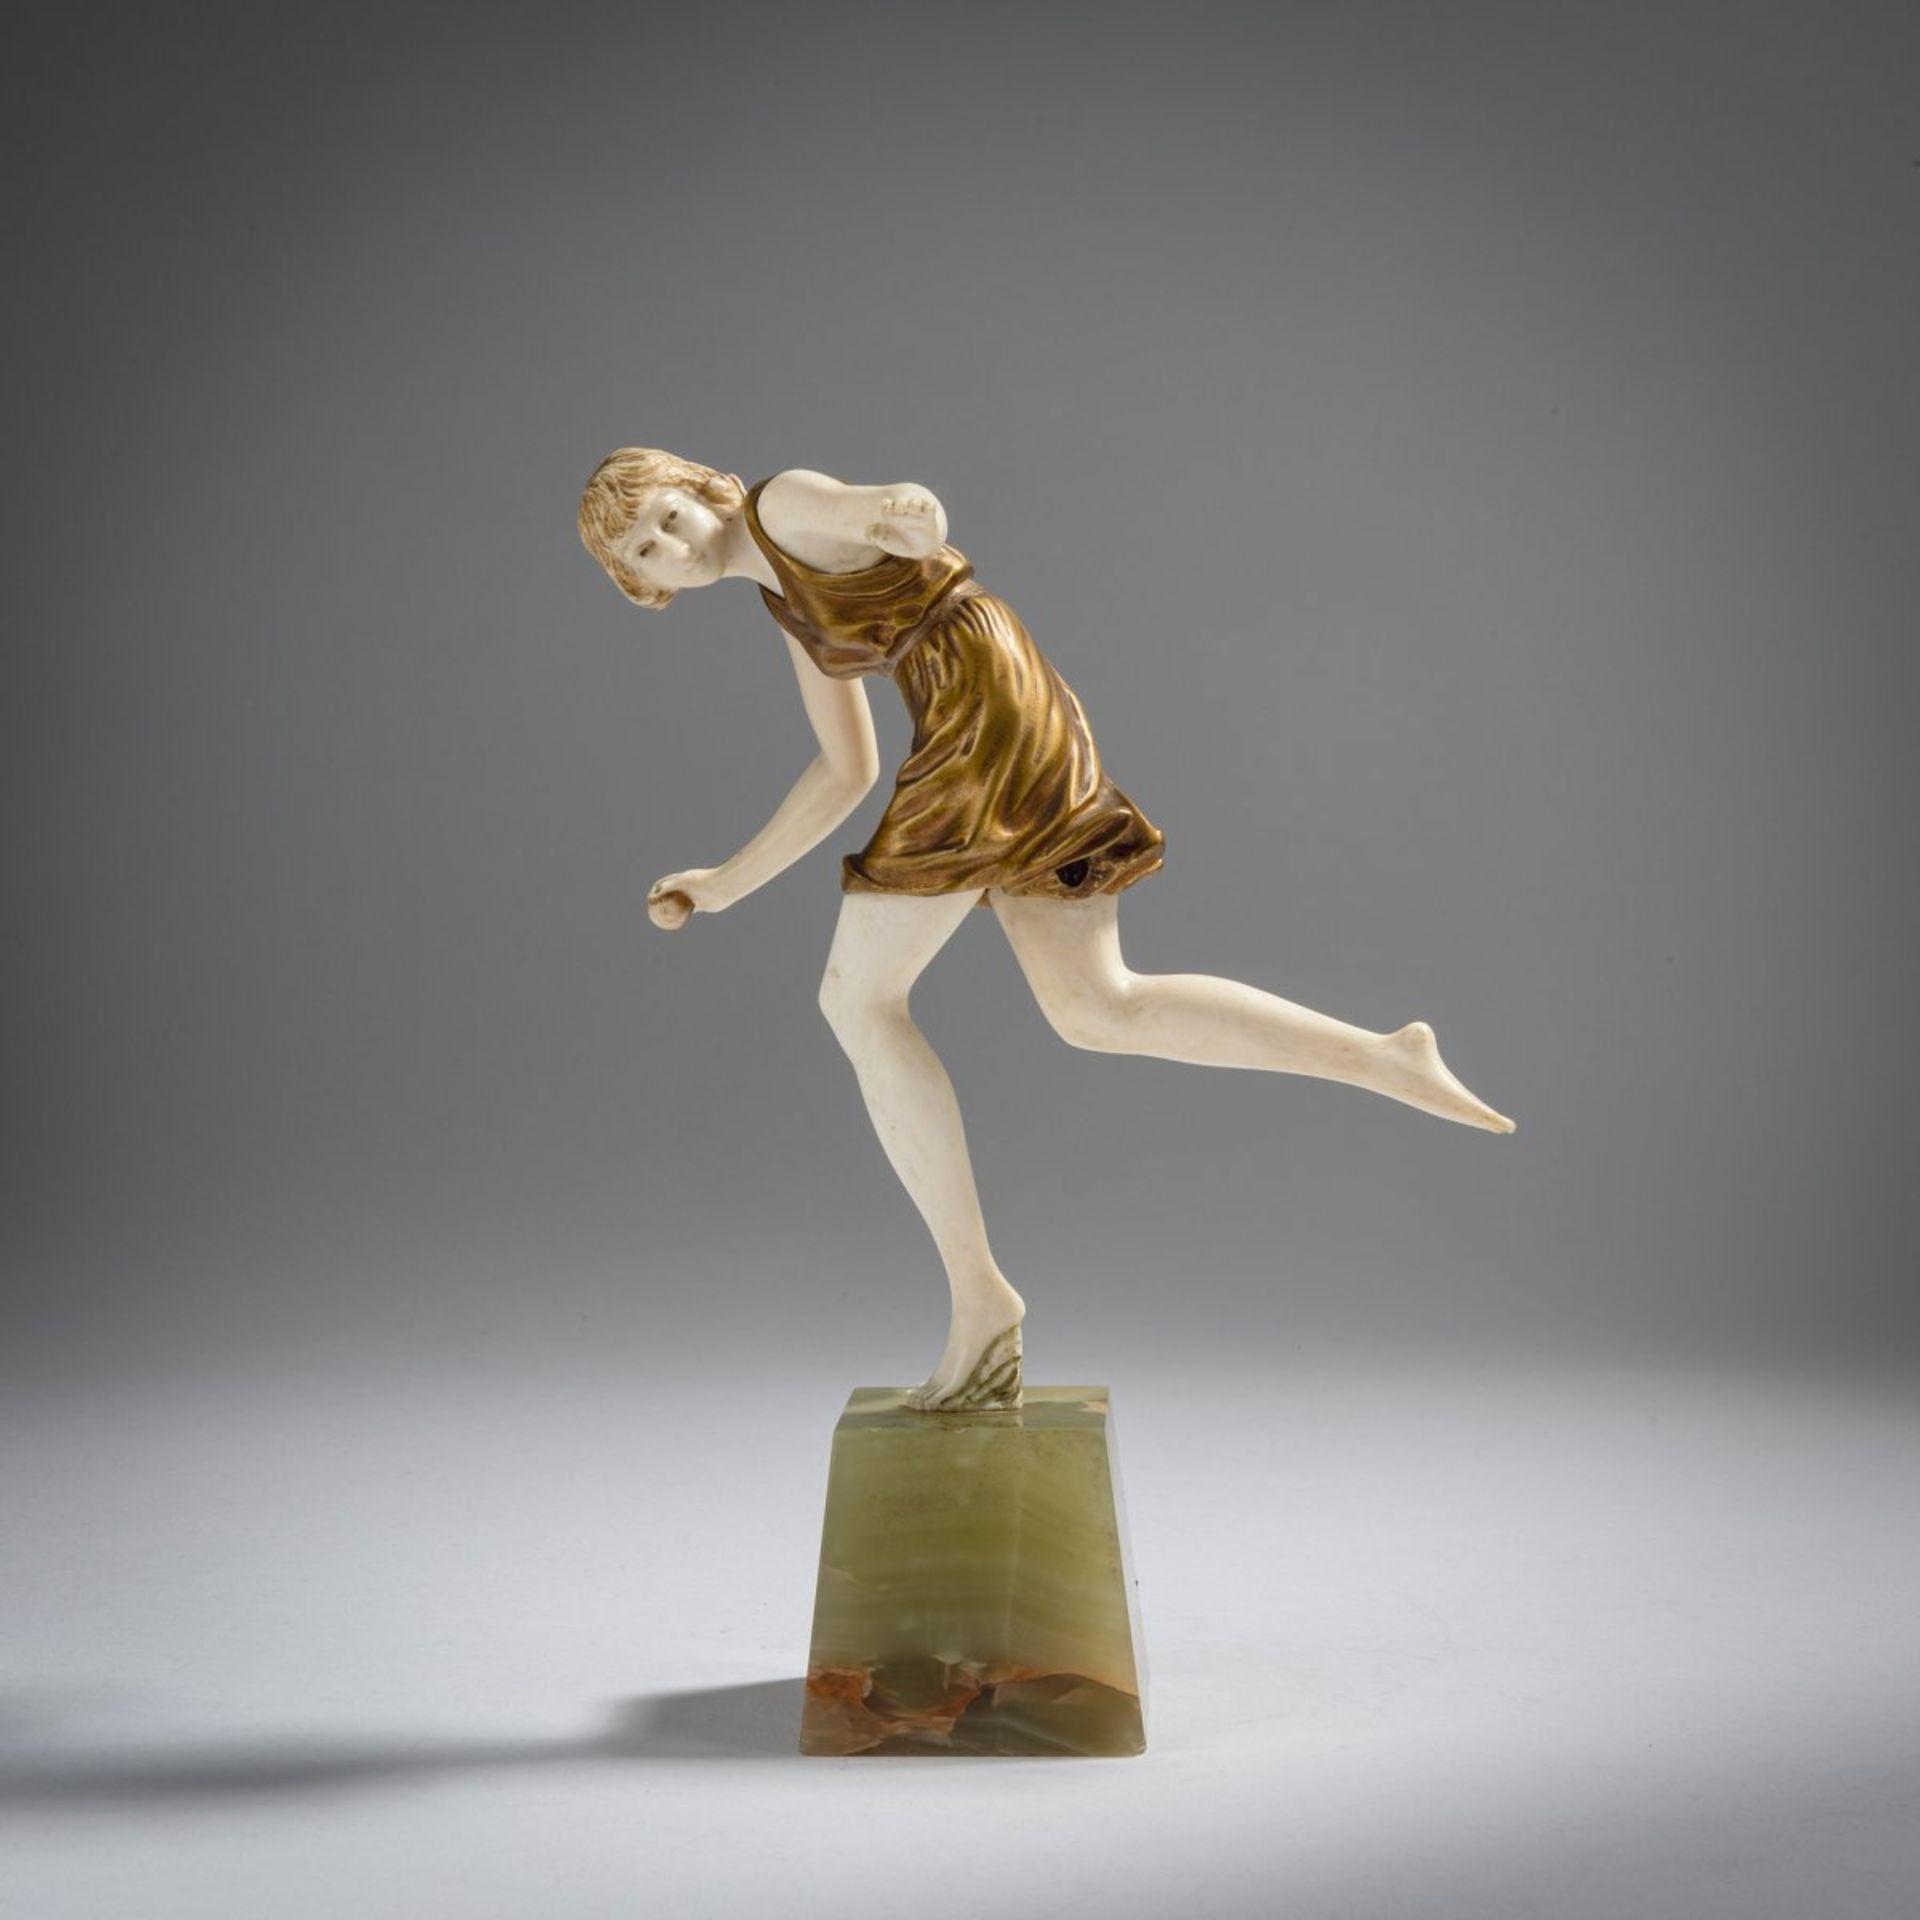 Pierre Le Faguays, Ballspielerin, 1920er Jahre - Bild 2 aus 6